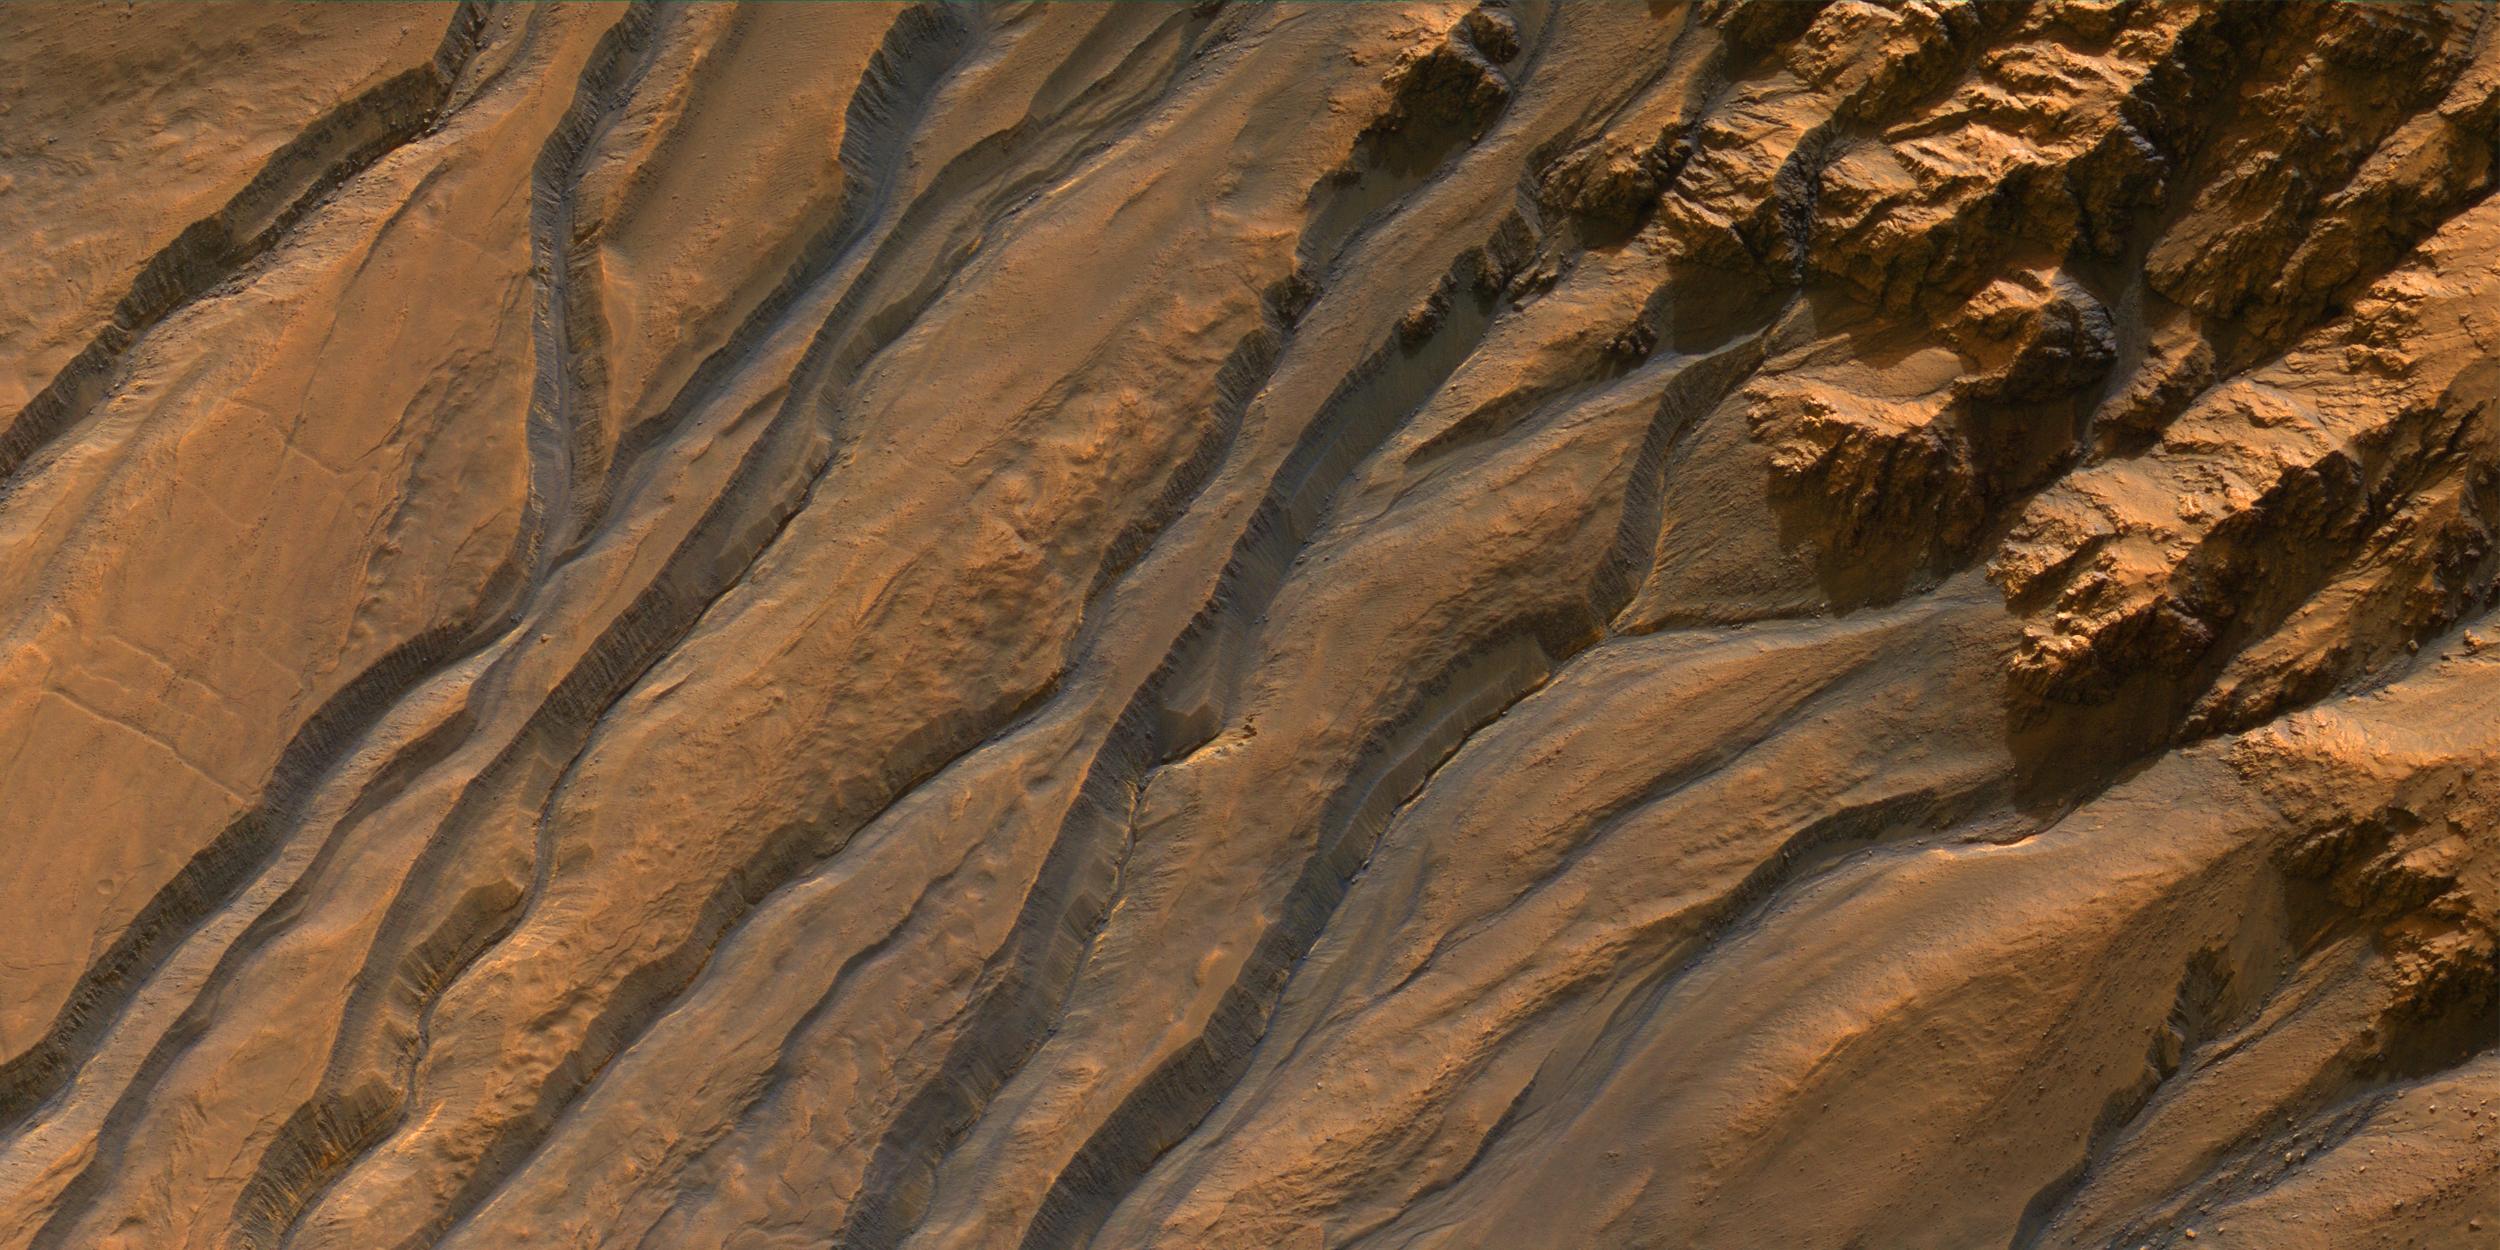 Вода на Марсе: все, что вам нужно знать об открытии NASA